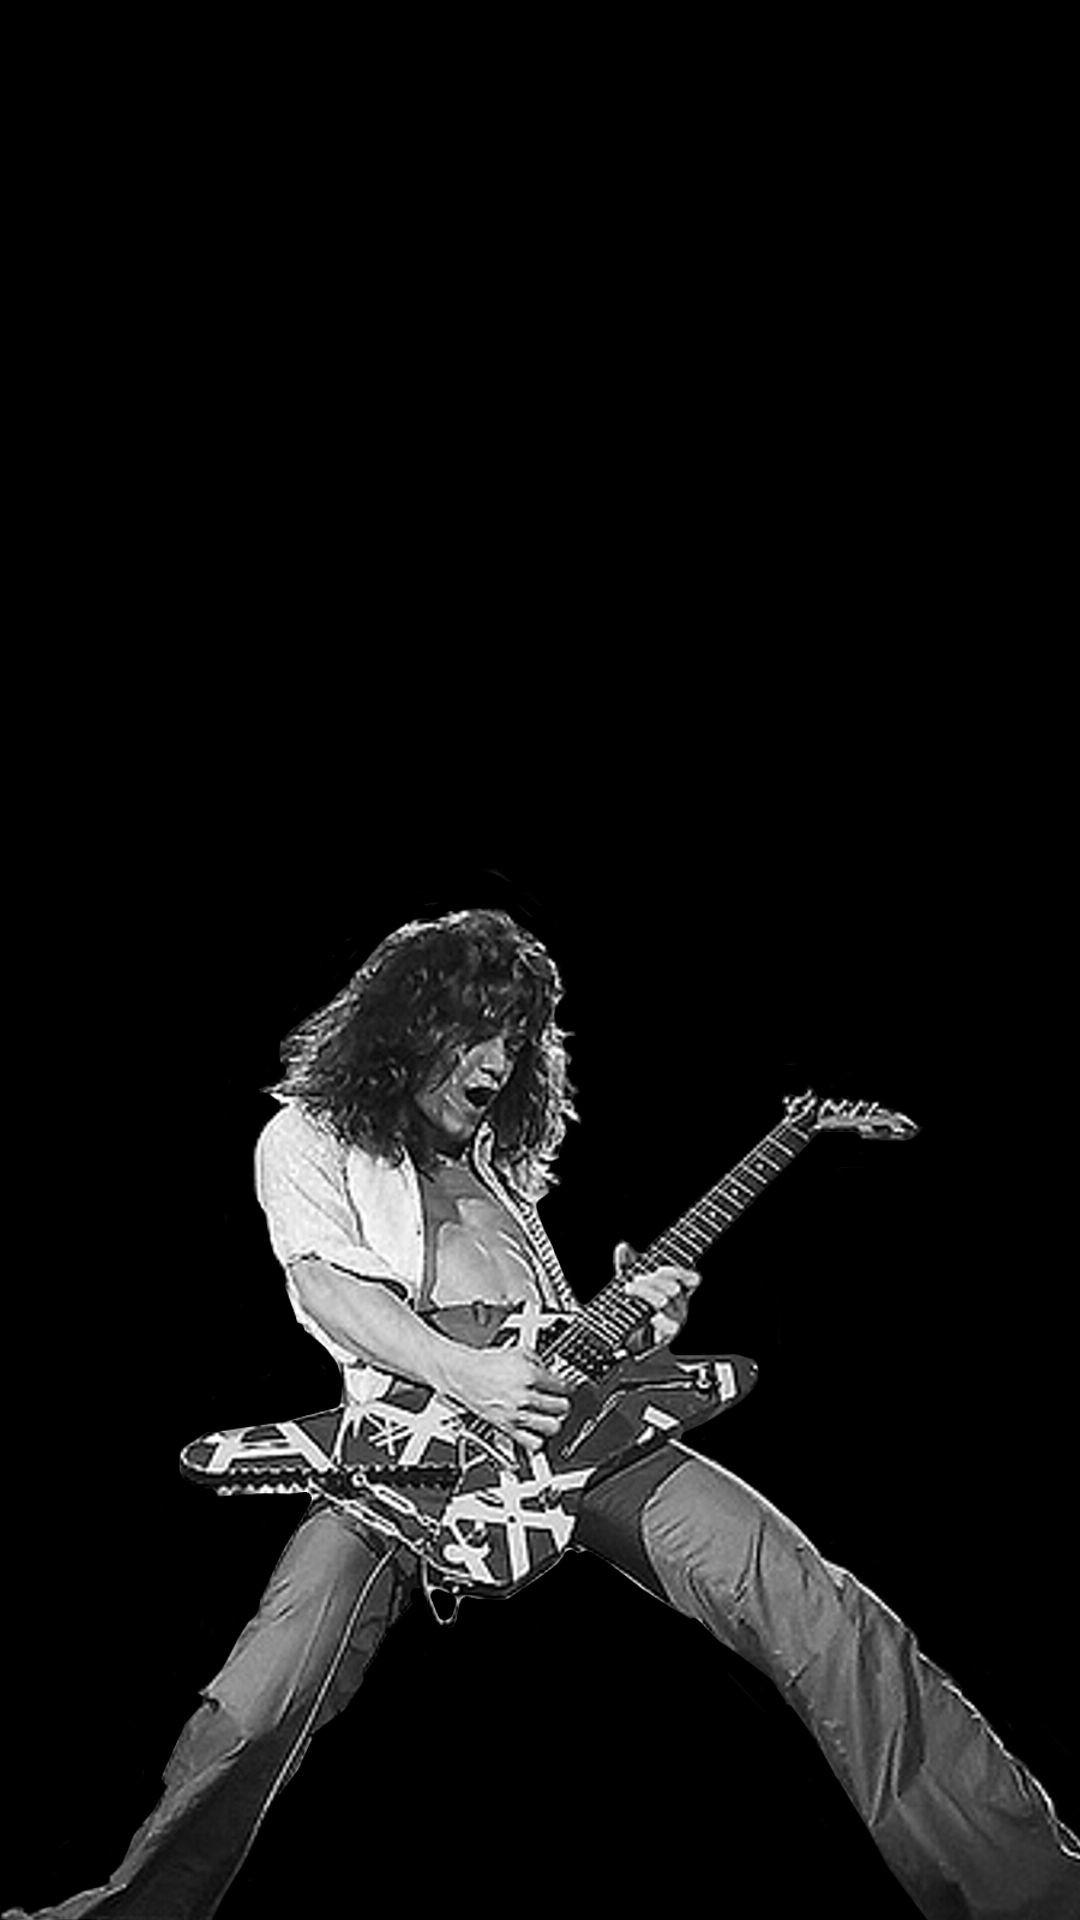 Res: 1080x1920, Van Halen Metallic Wallpaper, Cool Wallpaper, Iphone Wallpaper, Band  Wallpapers, Inspirational Wallpapers